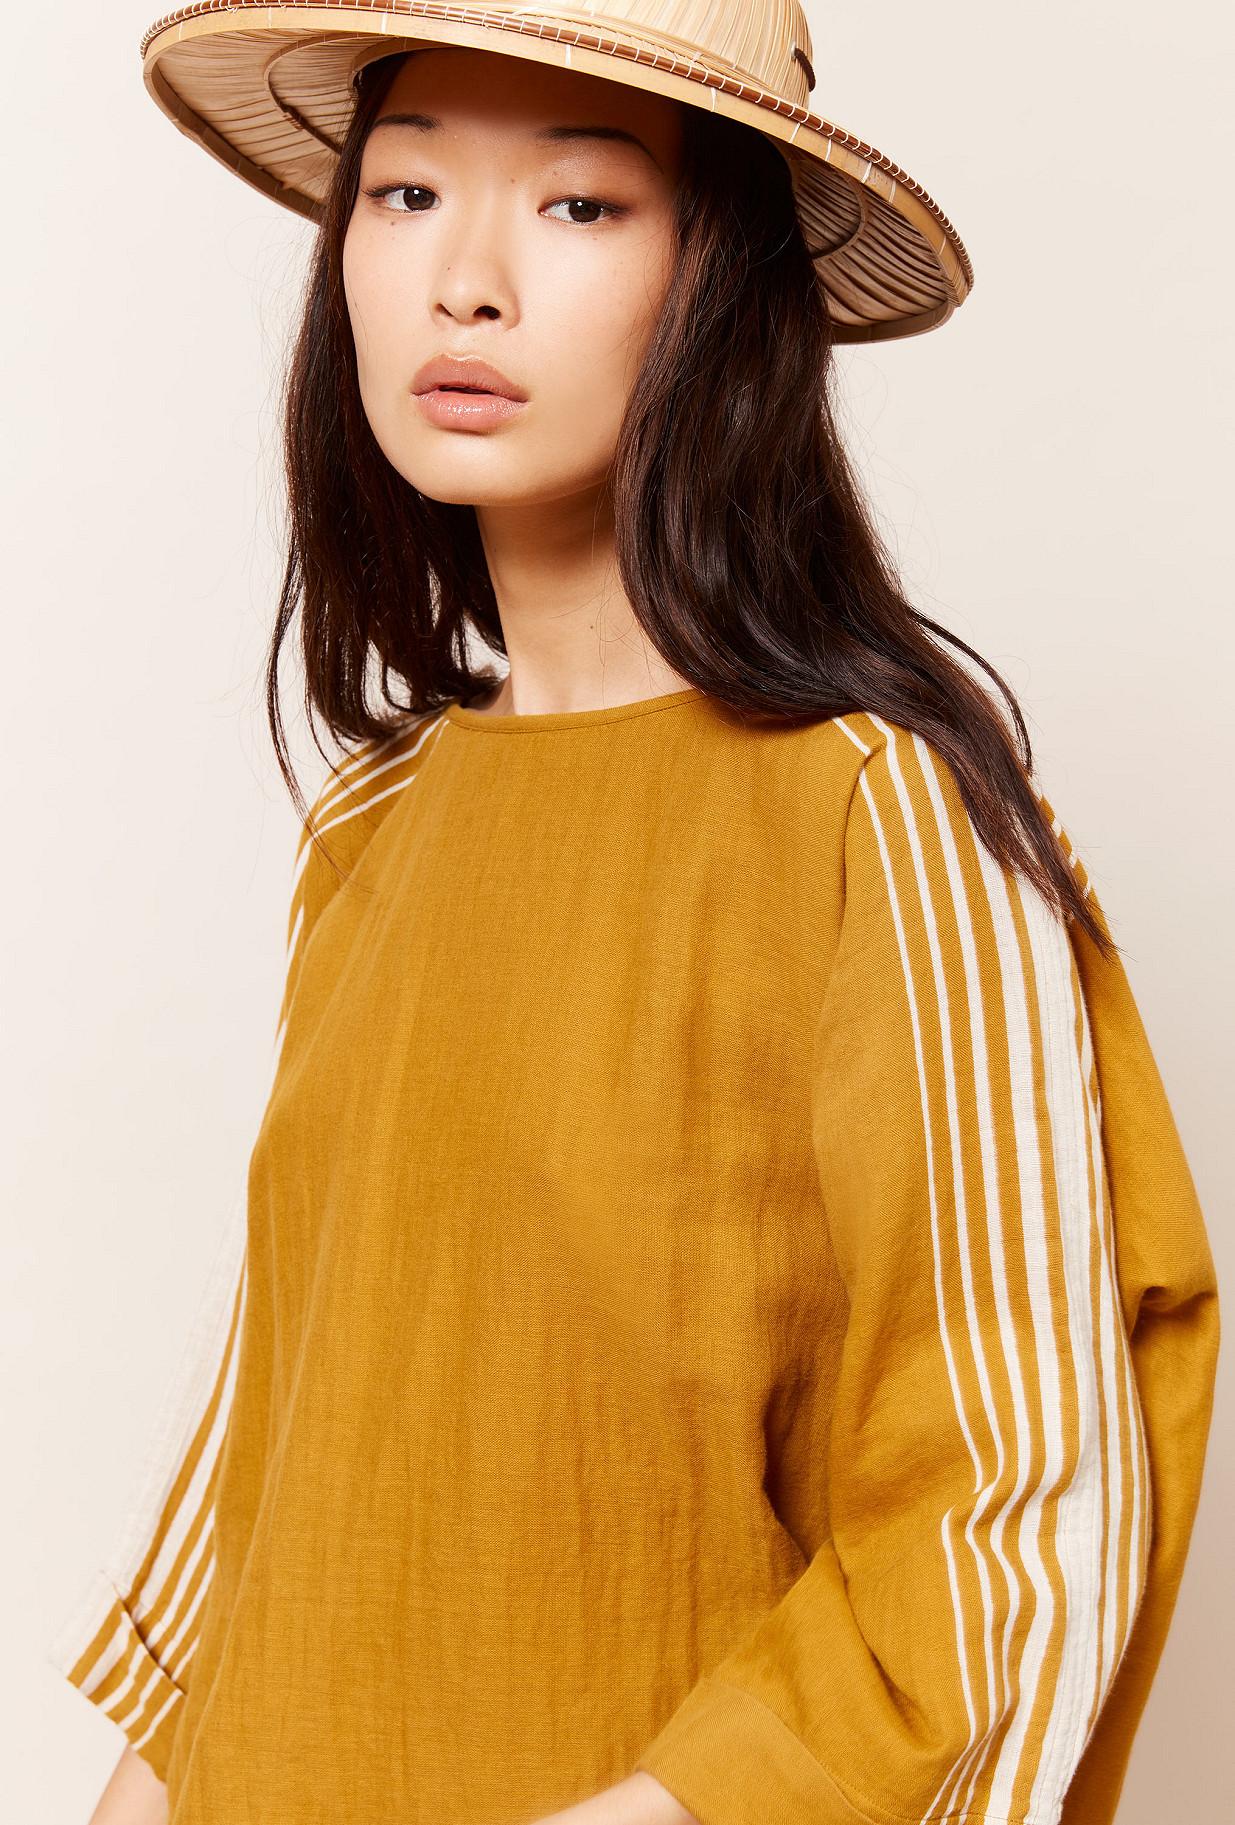 Paris boutique de mode vêtement Blouse créateur bohème  Avantstella